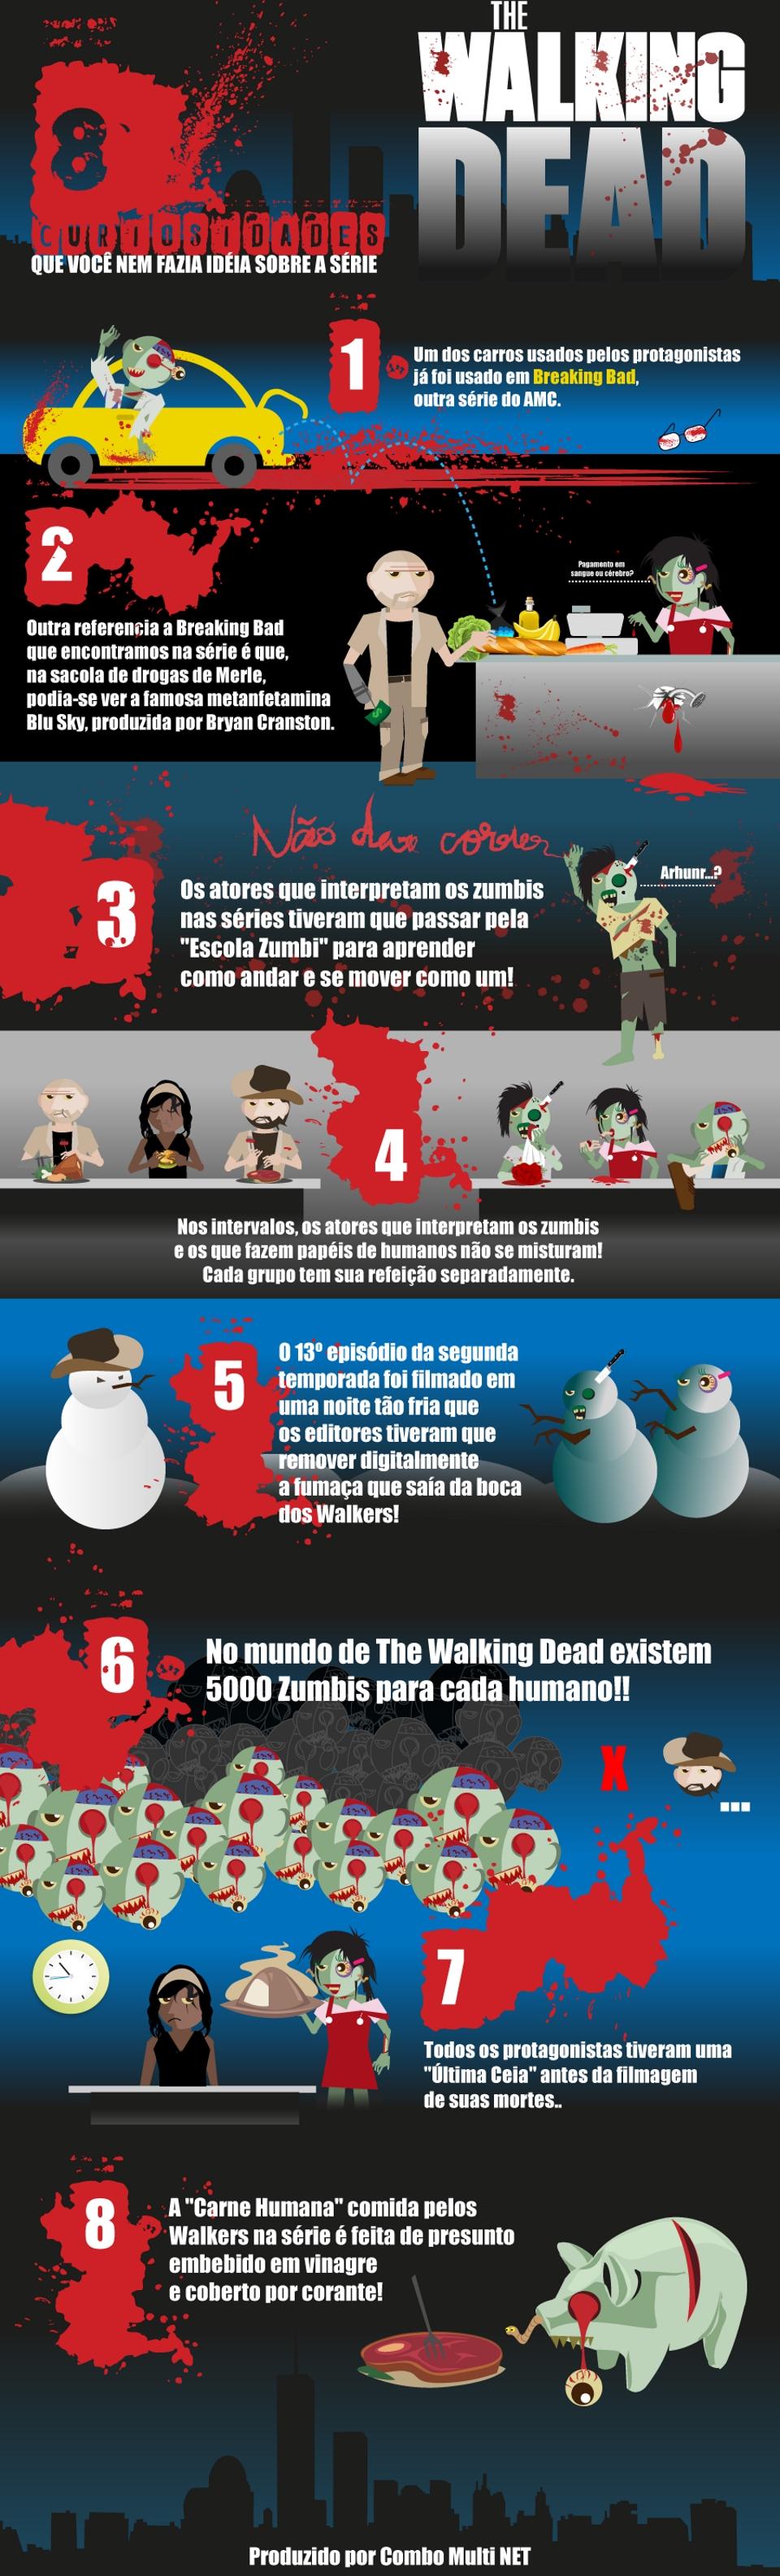 8 curiosidades que você não sabia sobre The Walking Dead [infográfico]